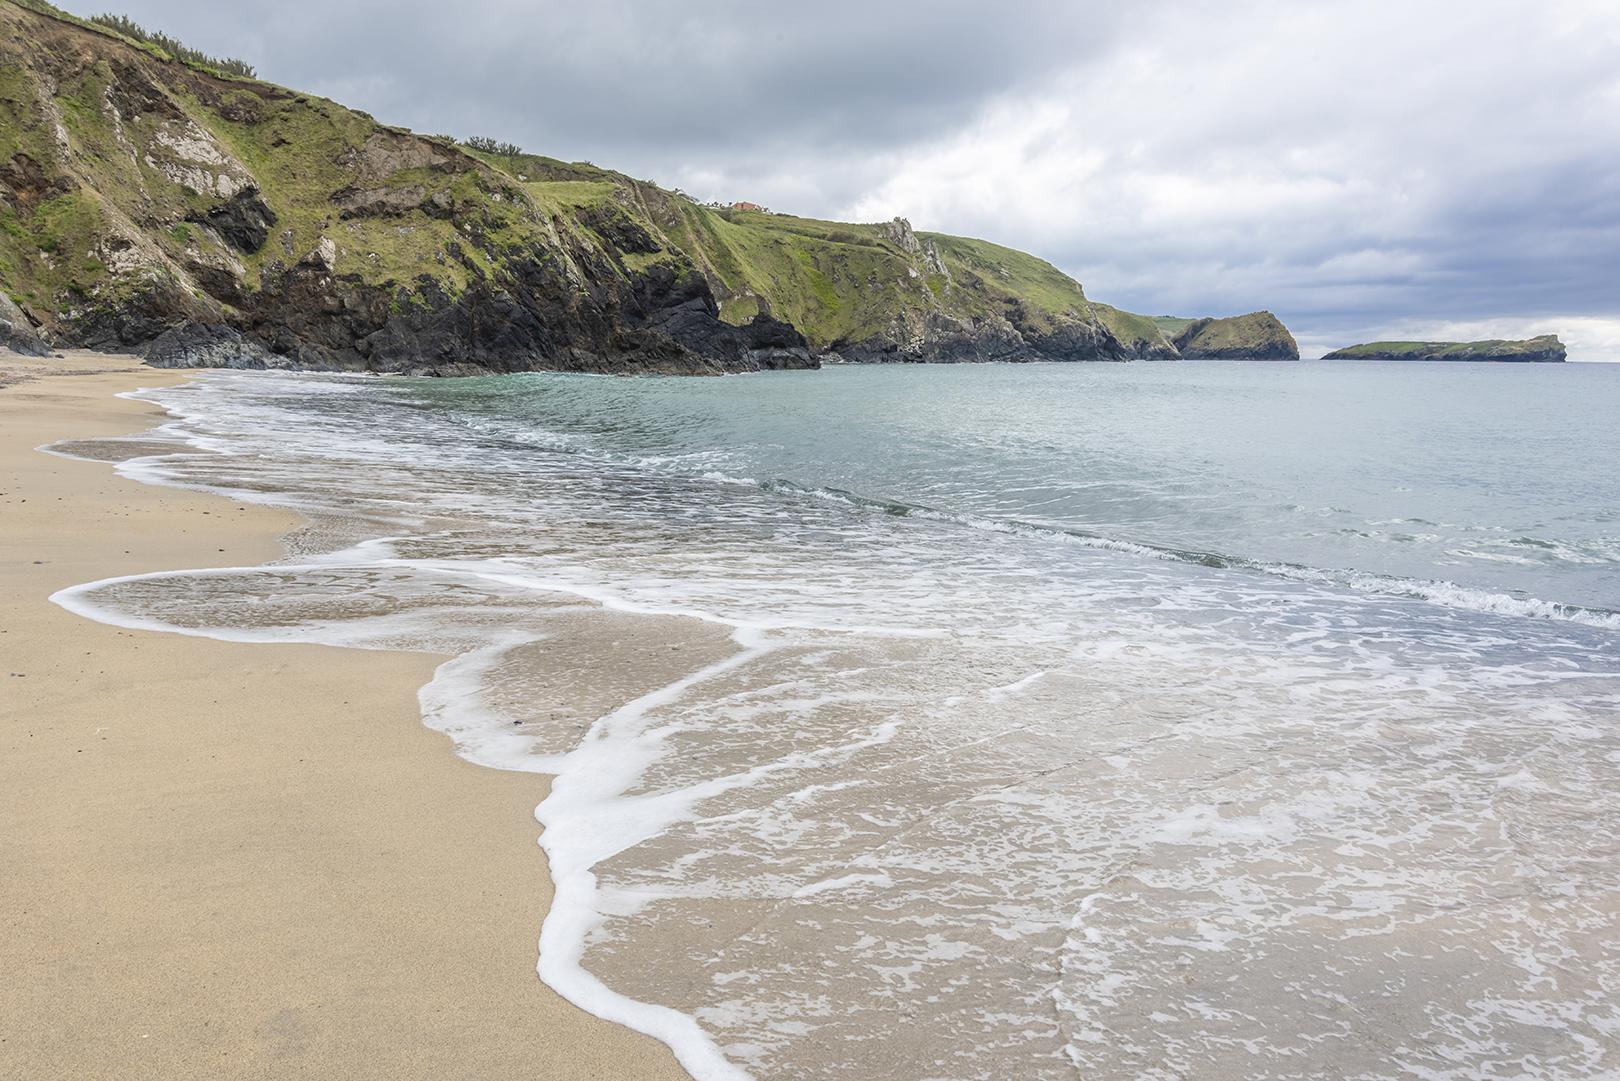 polurrian beach.jpg